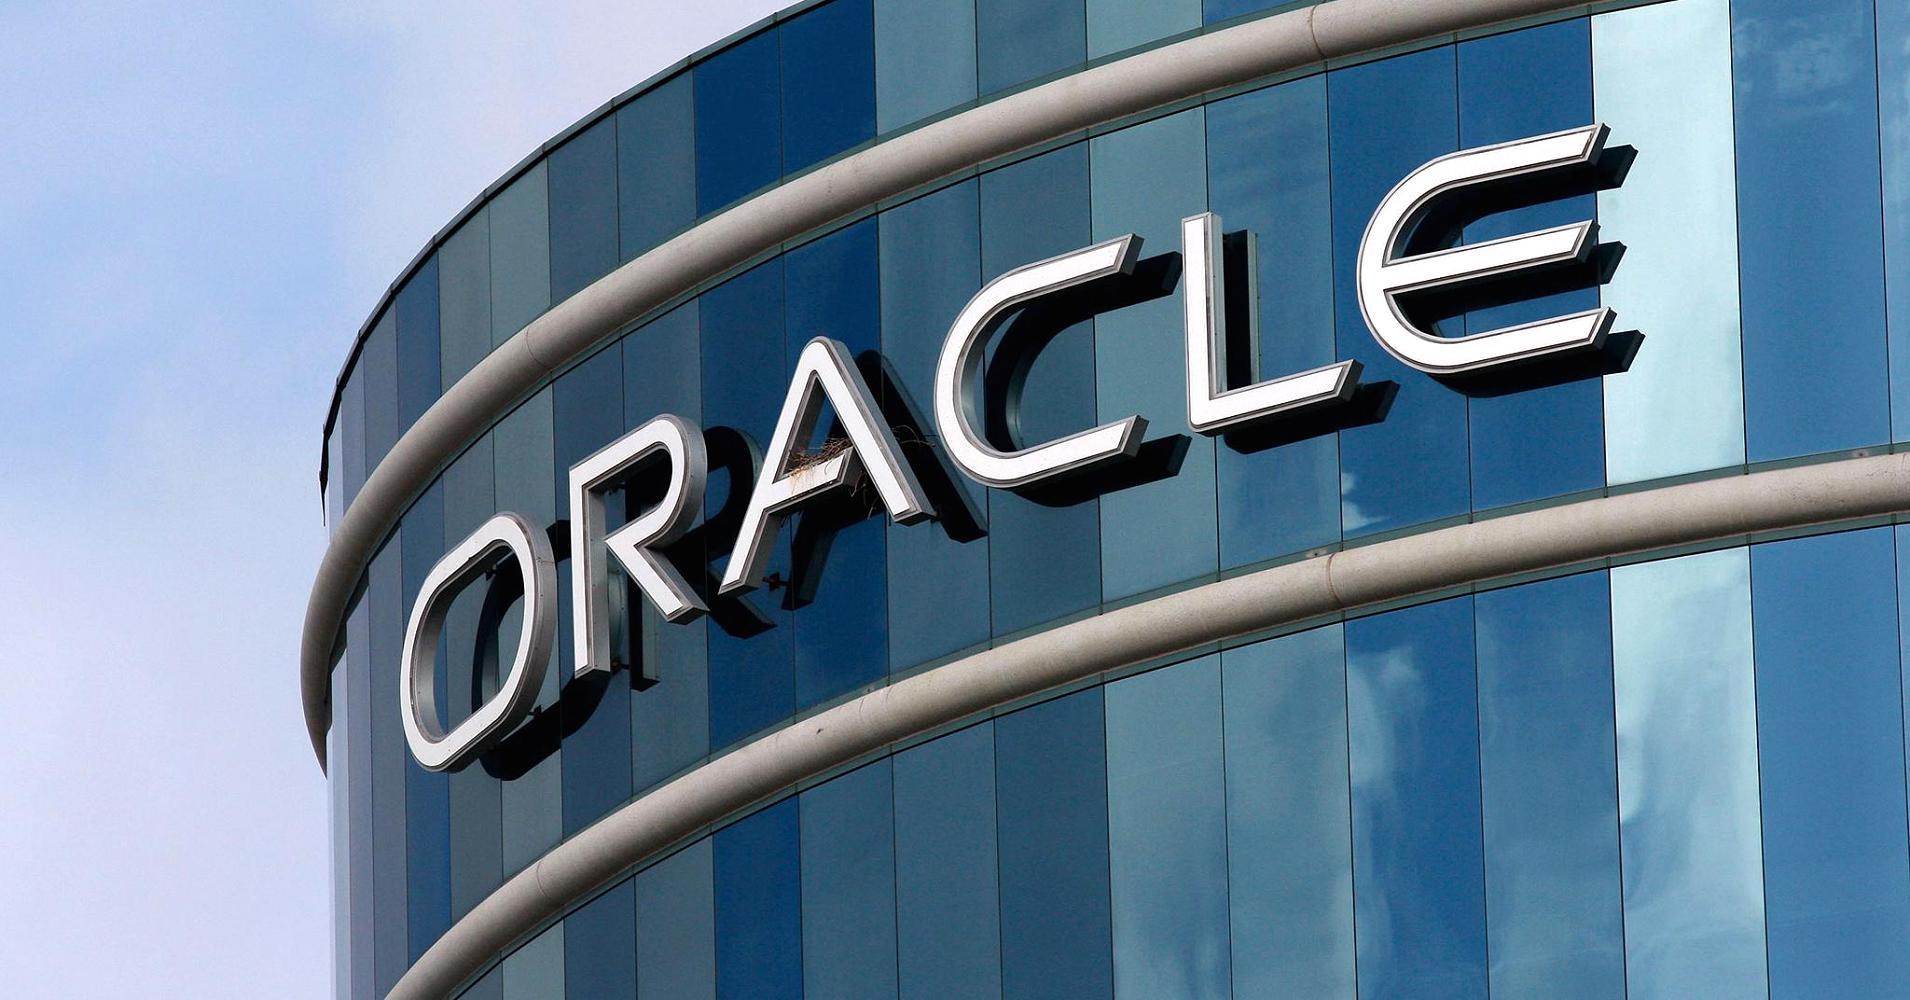 ORACLE RETAIL проанализировали отношение к виртуальной реальности